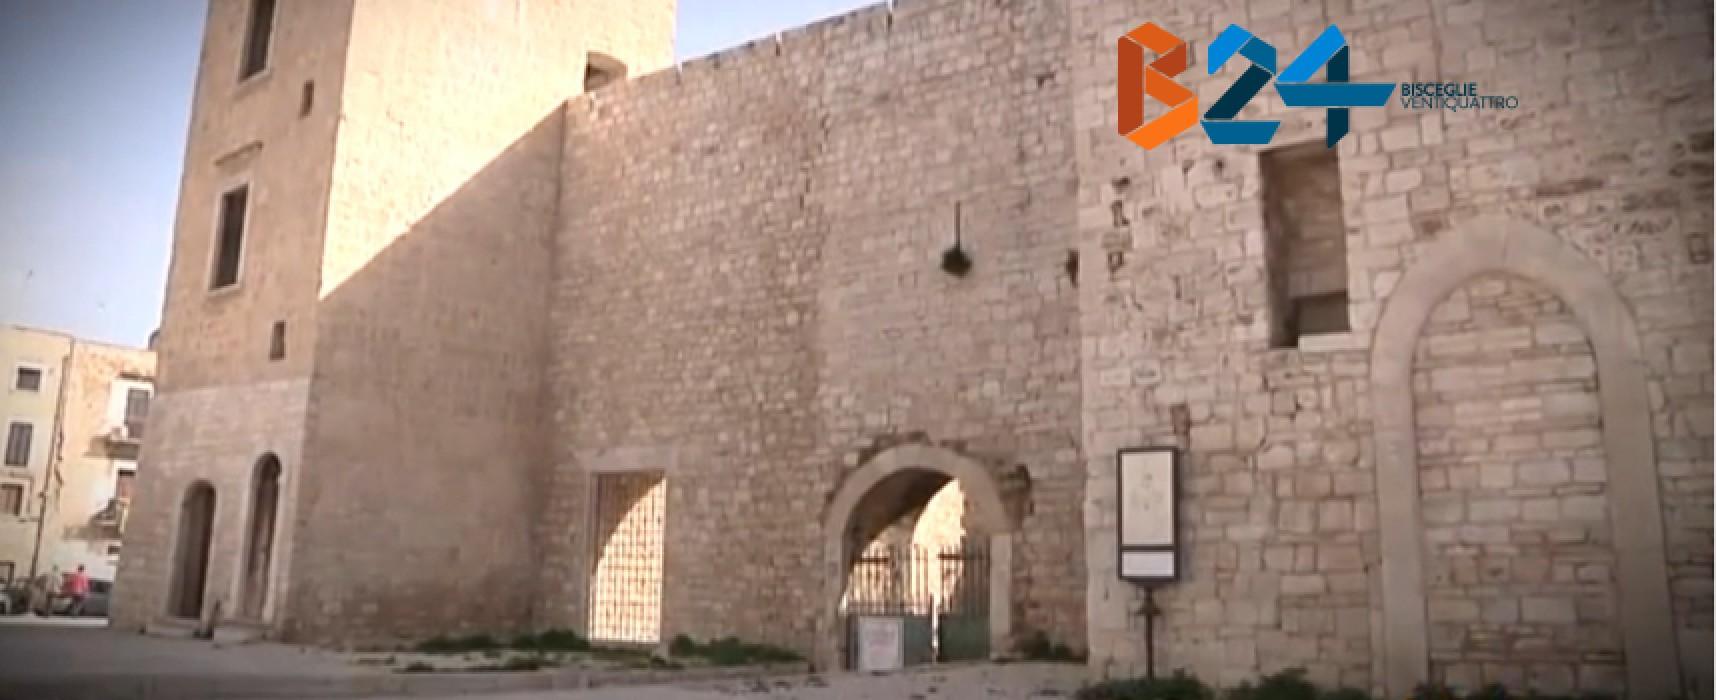 Castello svevo – angioino, eventi in calendario nel mese di novembre / PROGRAMMA